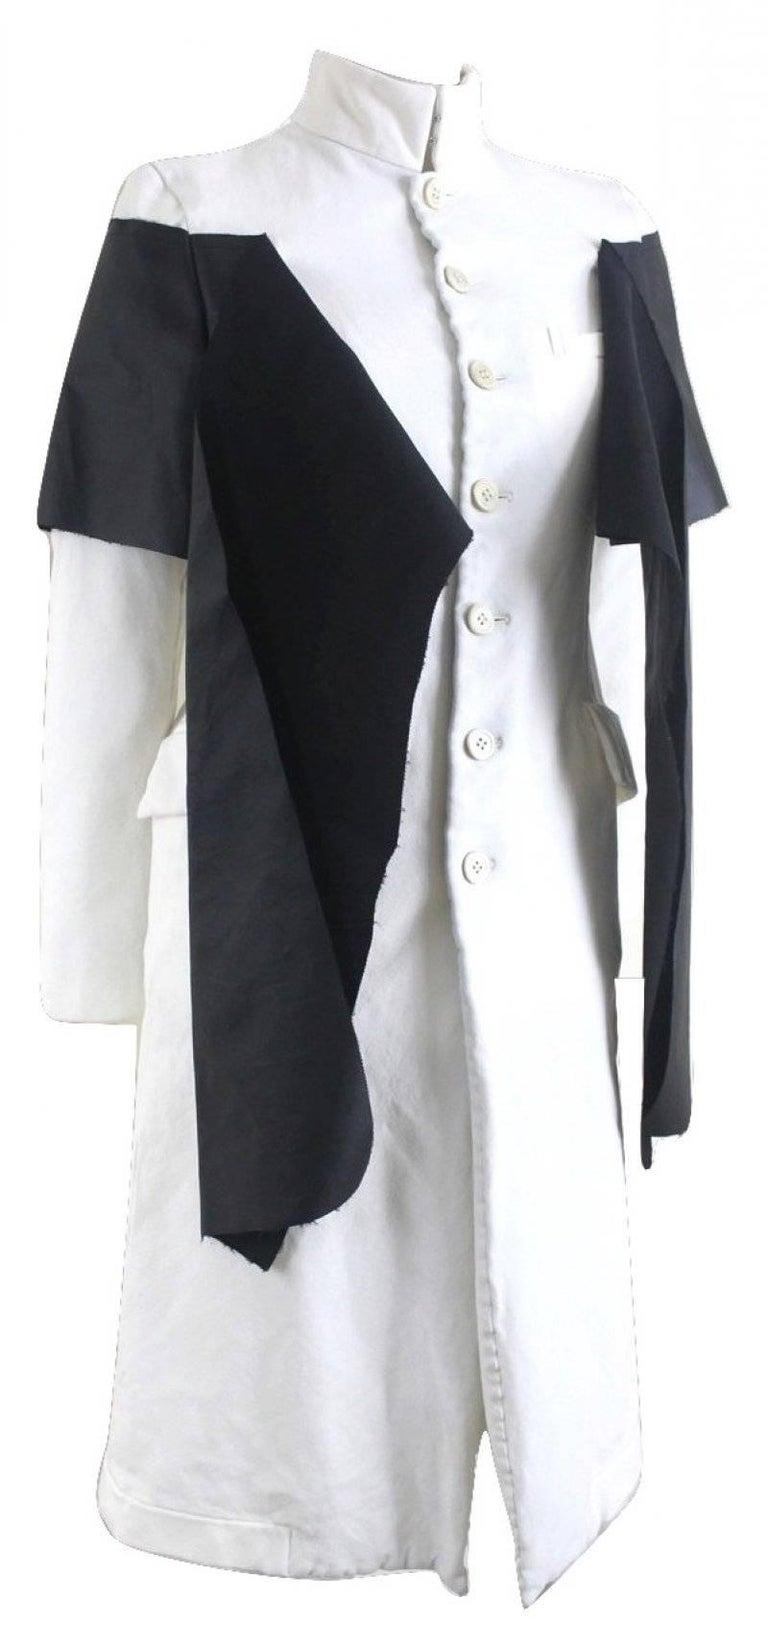 Comme des Garcons 2010 Collection Coat Labelled size XS Excellent Condition